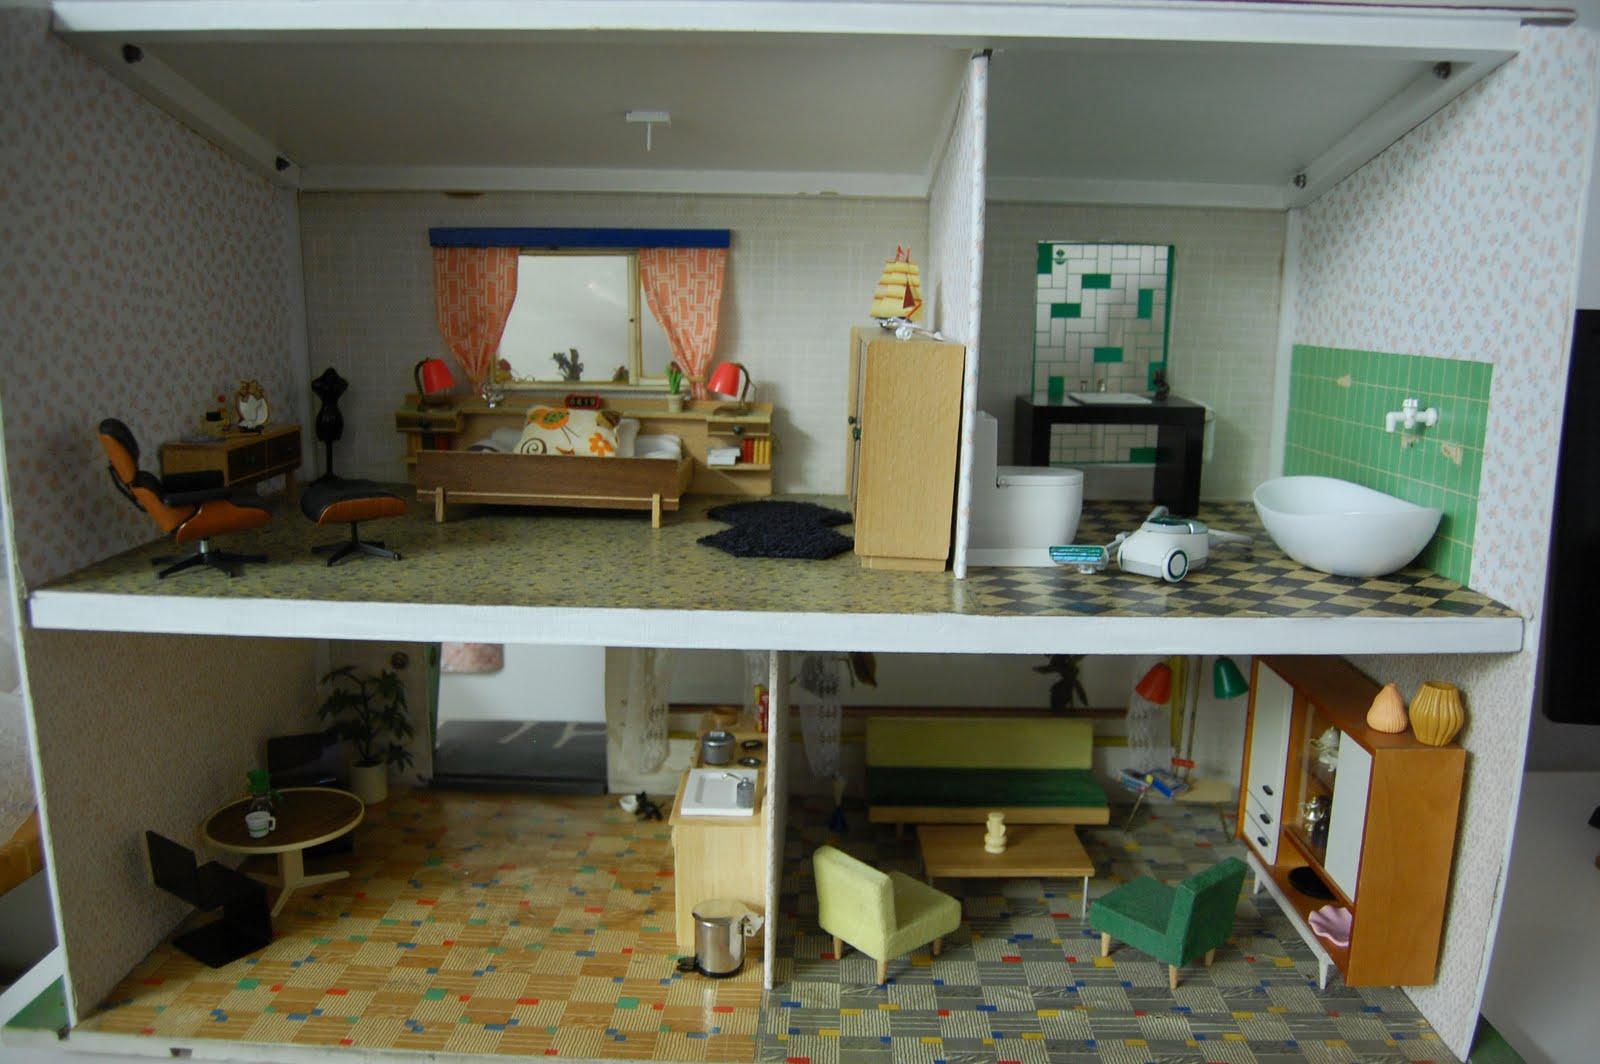 Mundo do artesanato decoradora de casa de bonecas revela - Decoradora de casas ...